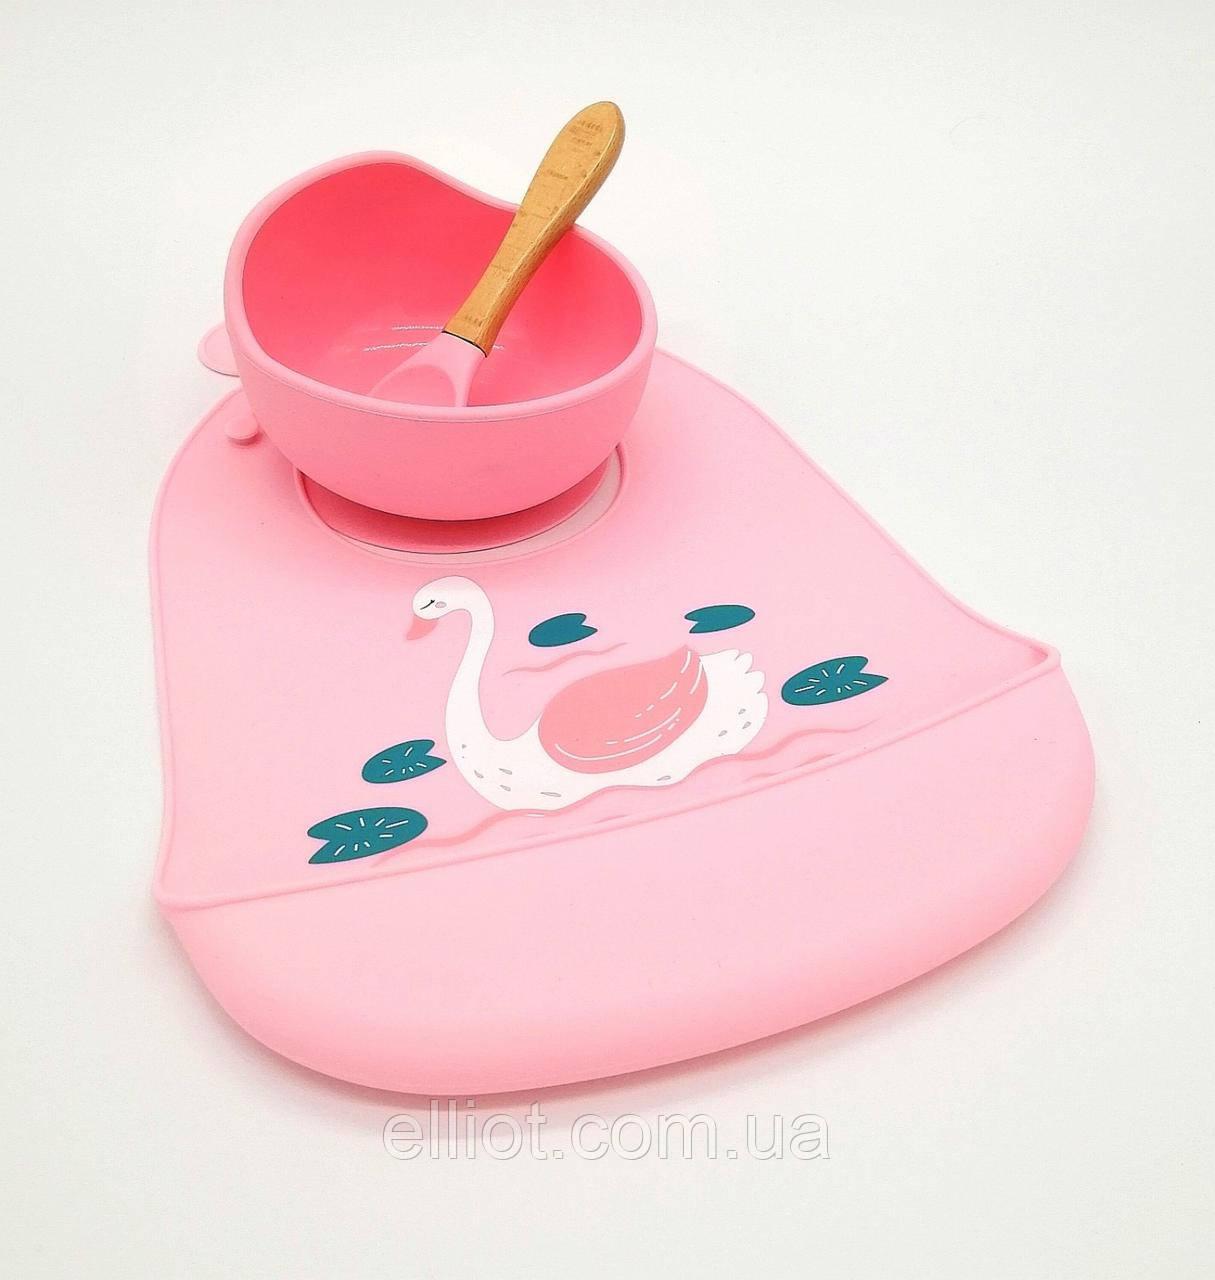 Набор Силиконовая тарелка с ложкой и слюнявчик розовый